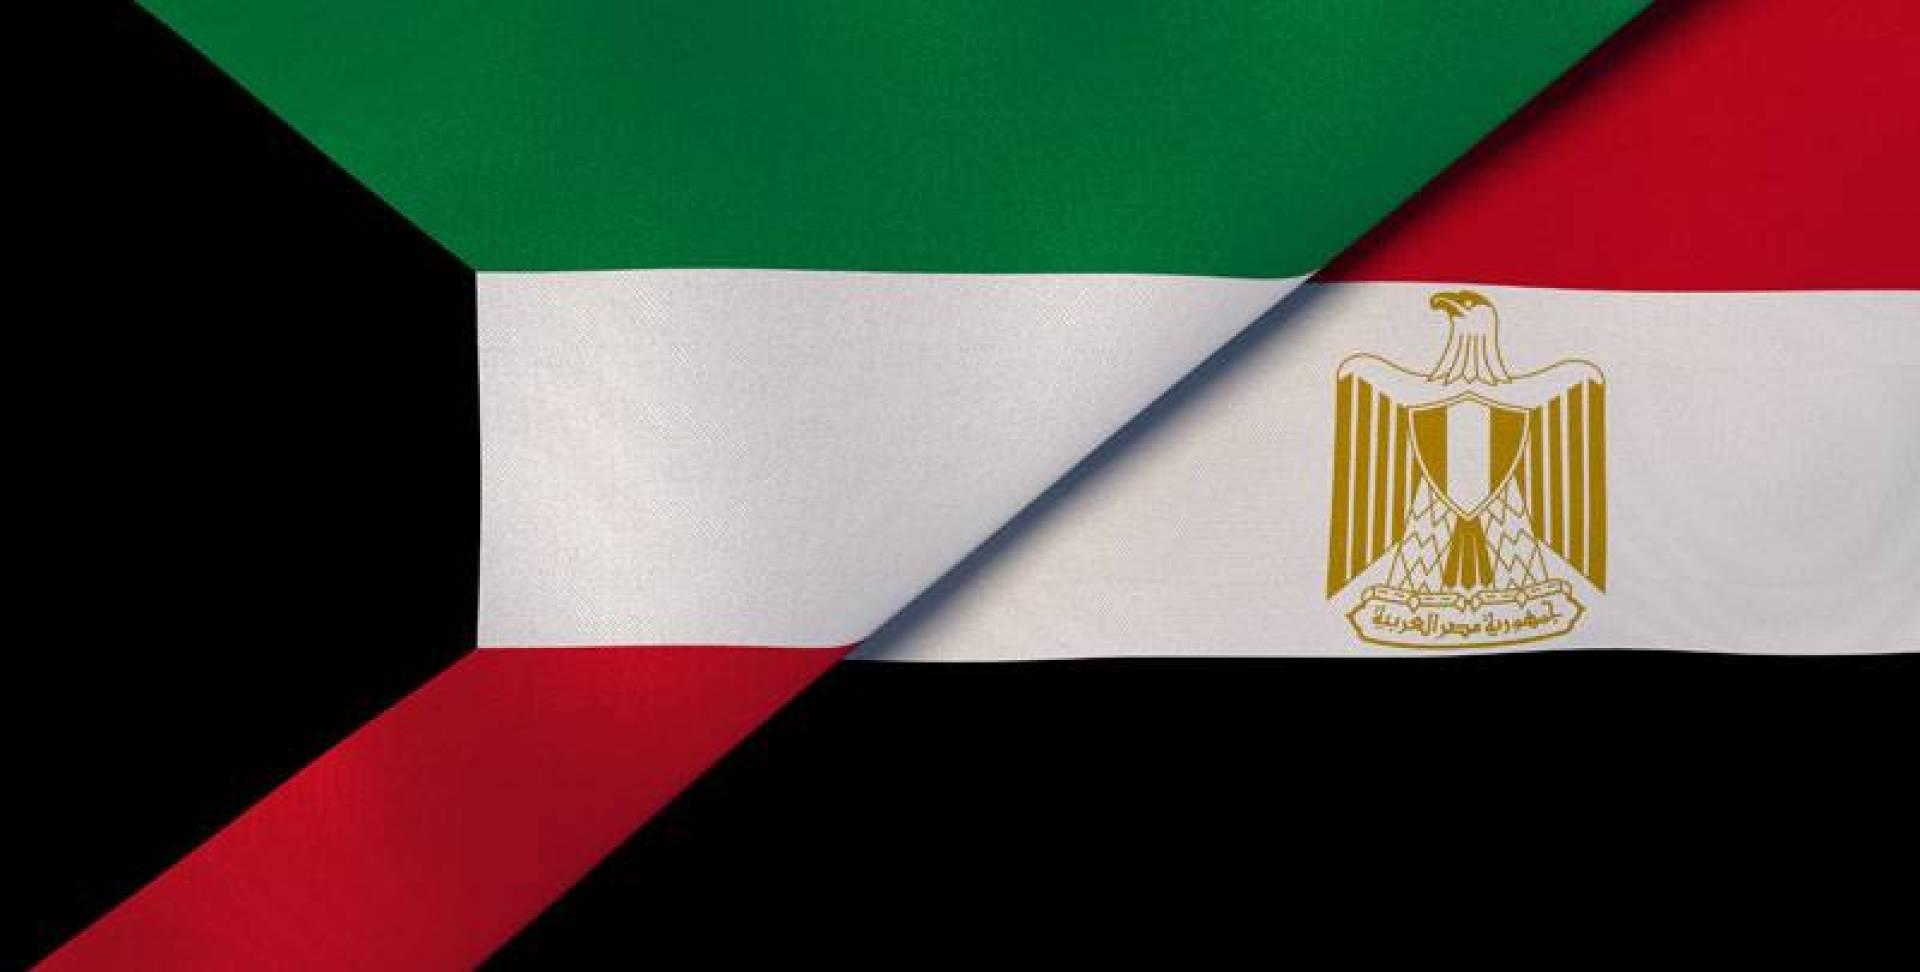 إقالة المسيء إلى الكويت.. وتحقيق فوري معه